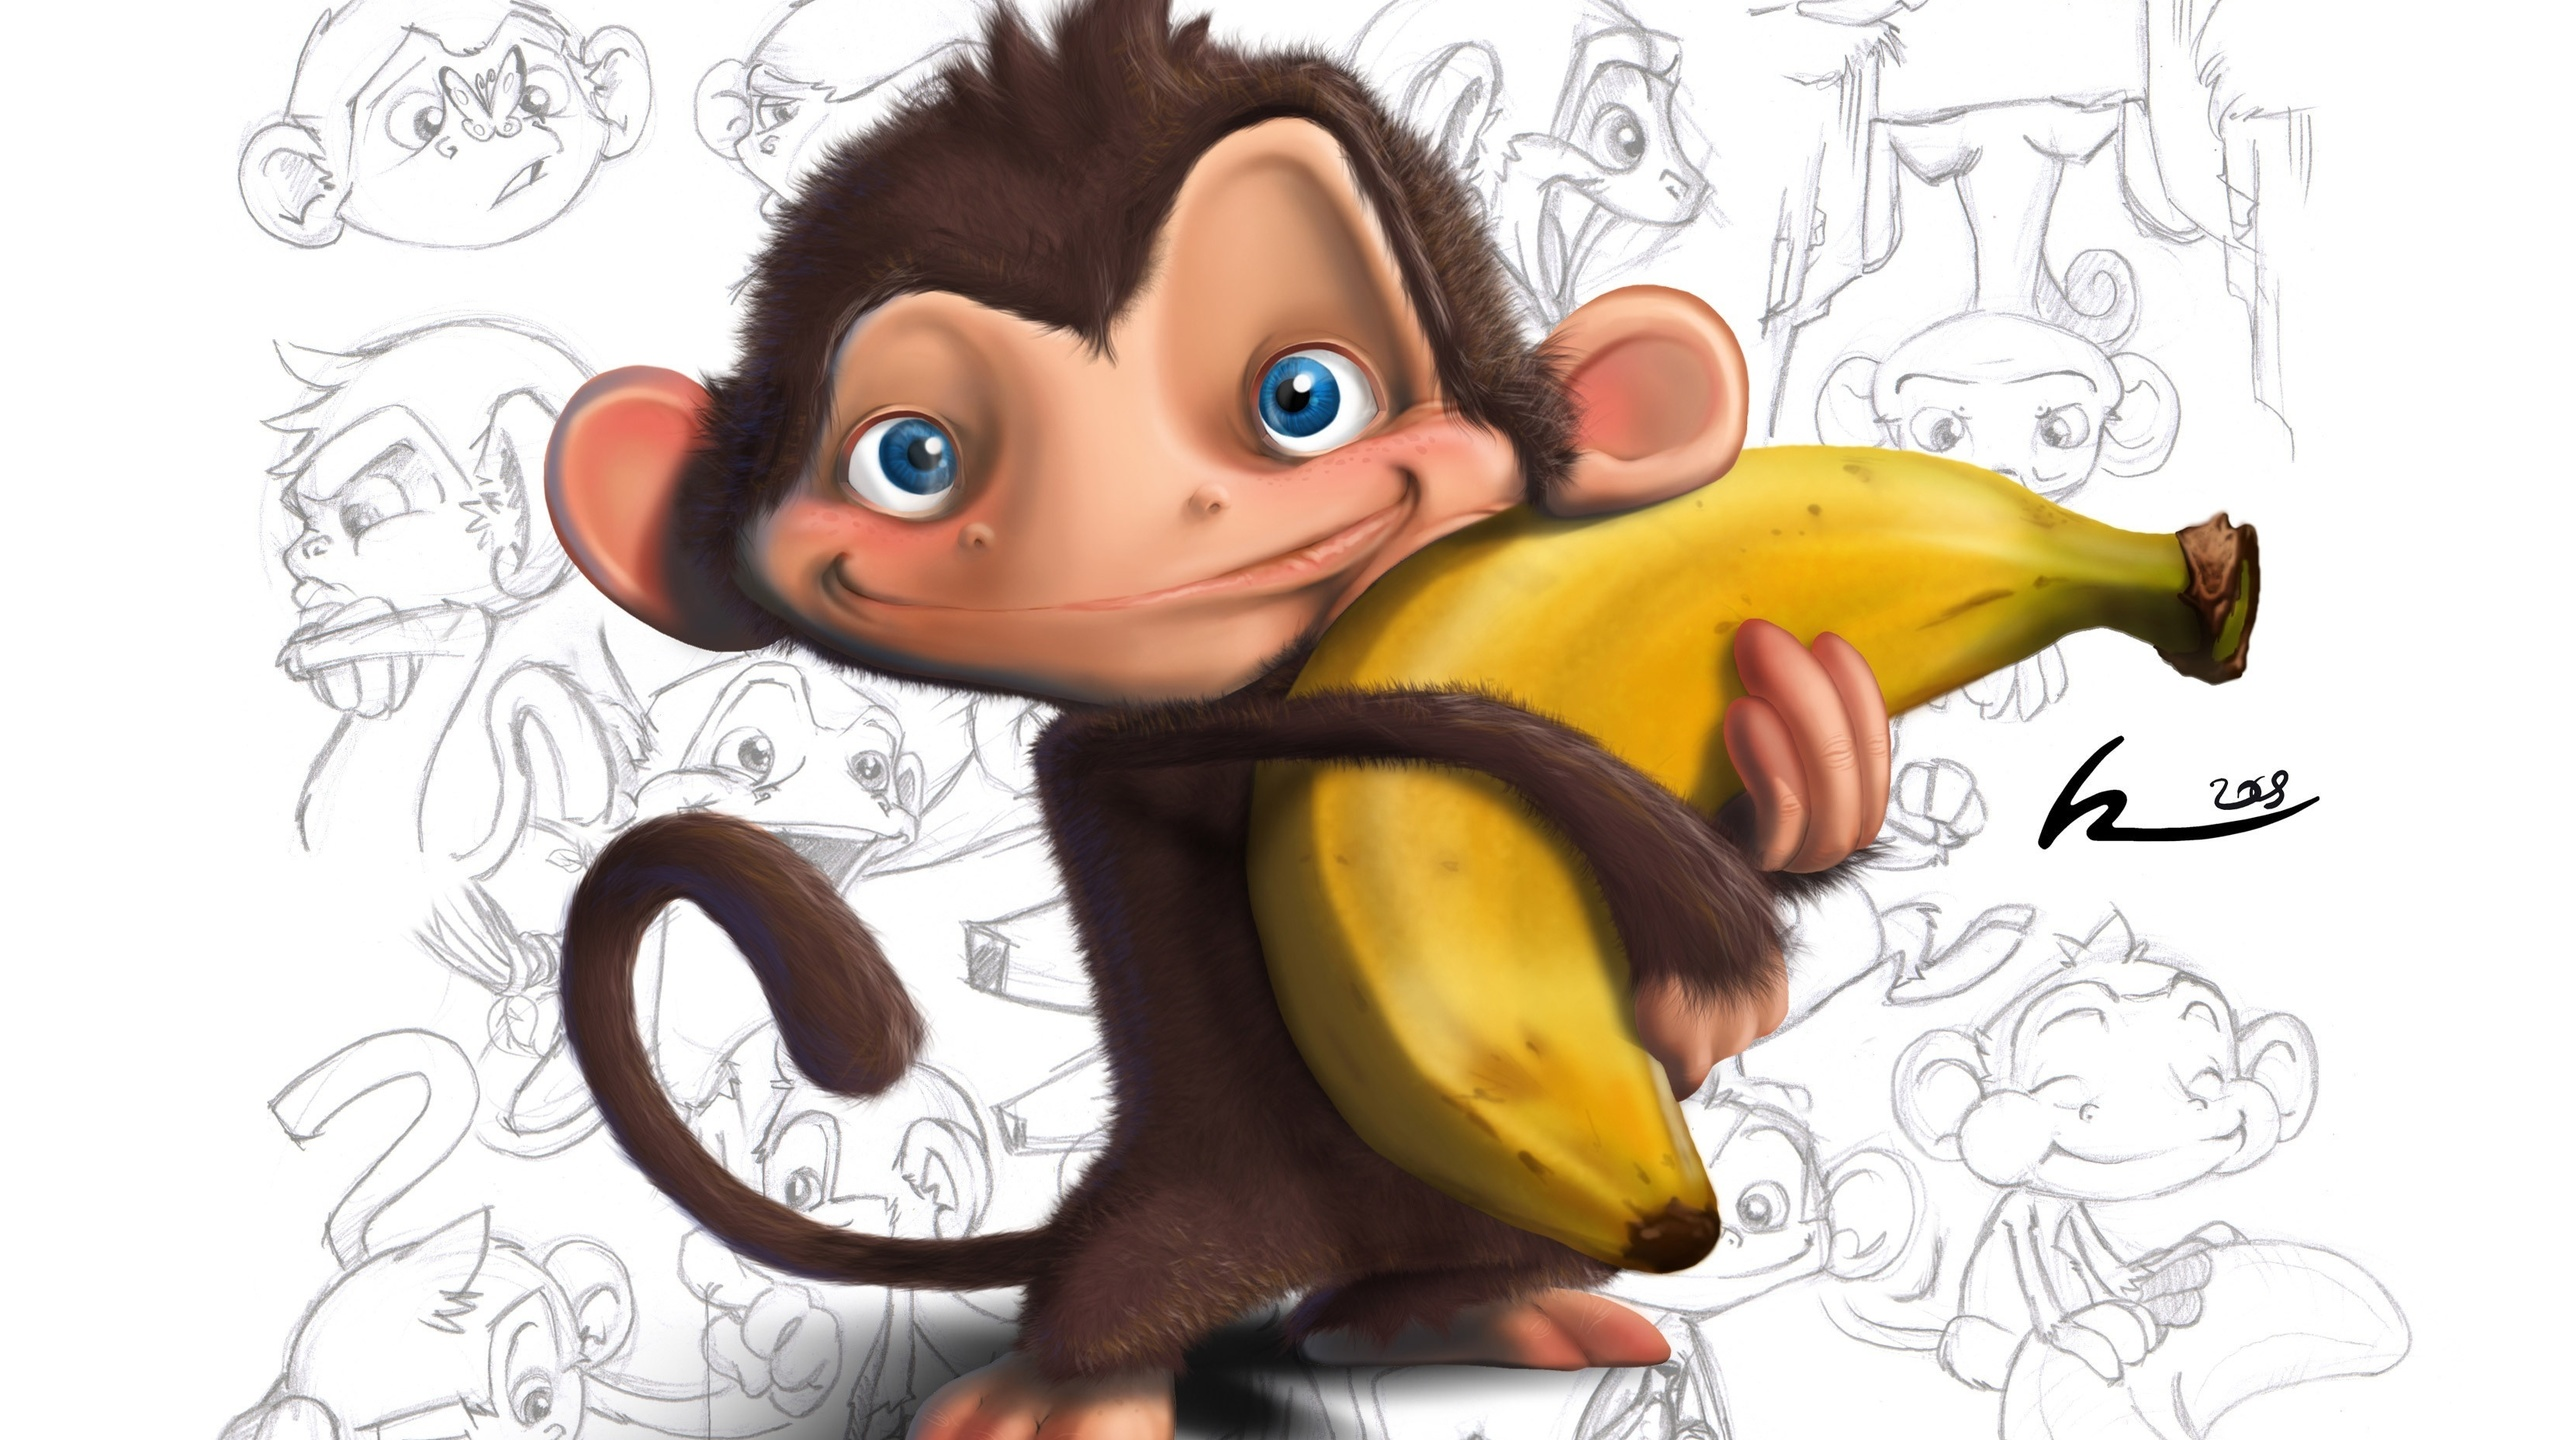 Днем, картинки обезьяны смешные с нарисованные